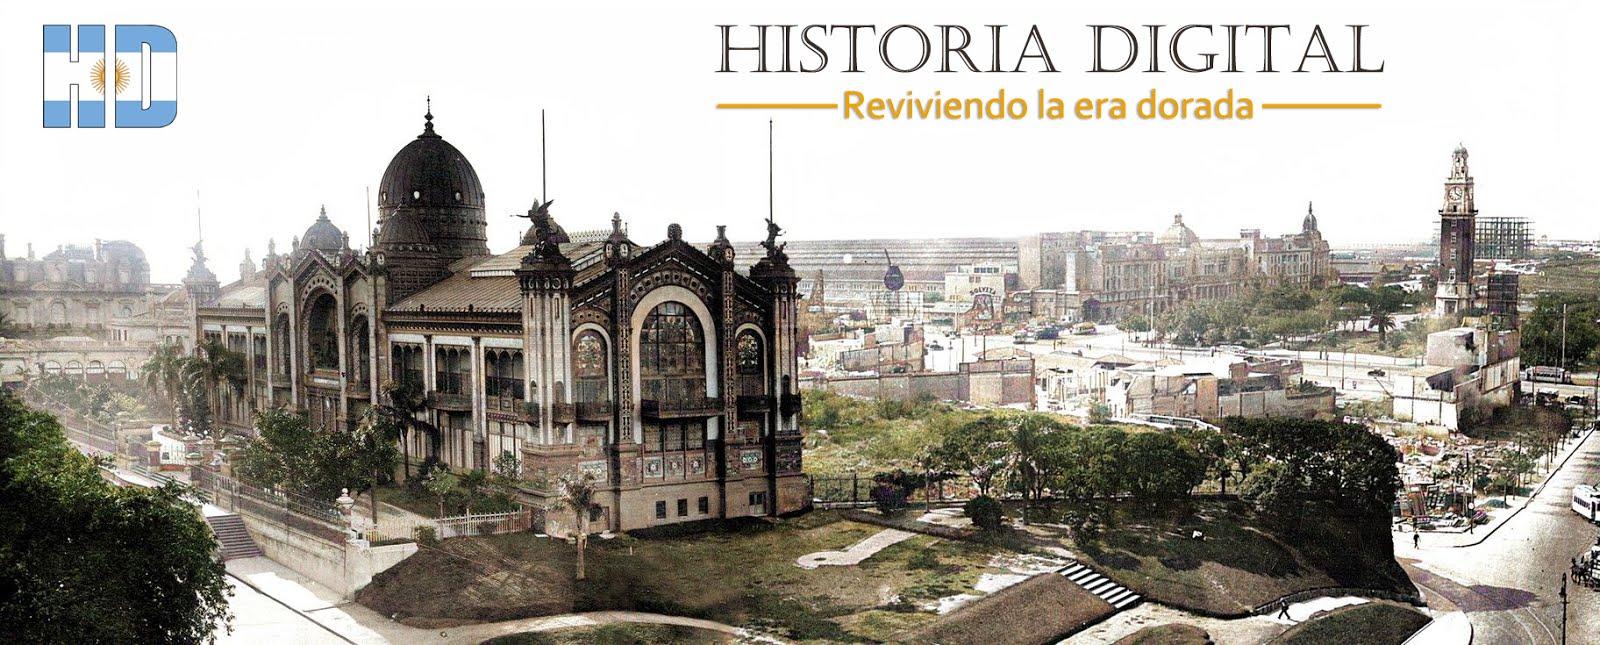 Historia Digital - Página Principal